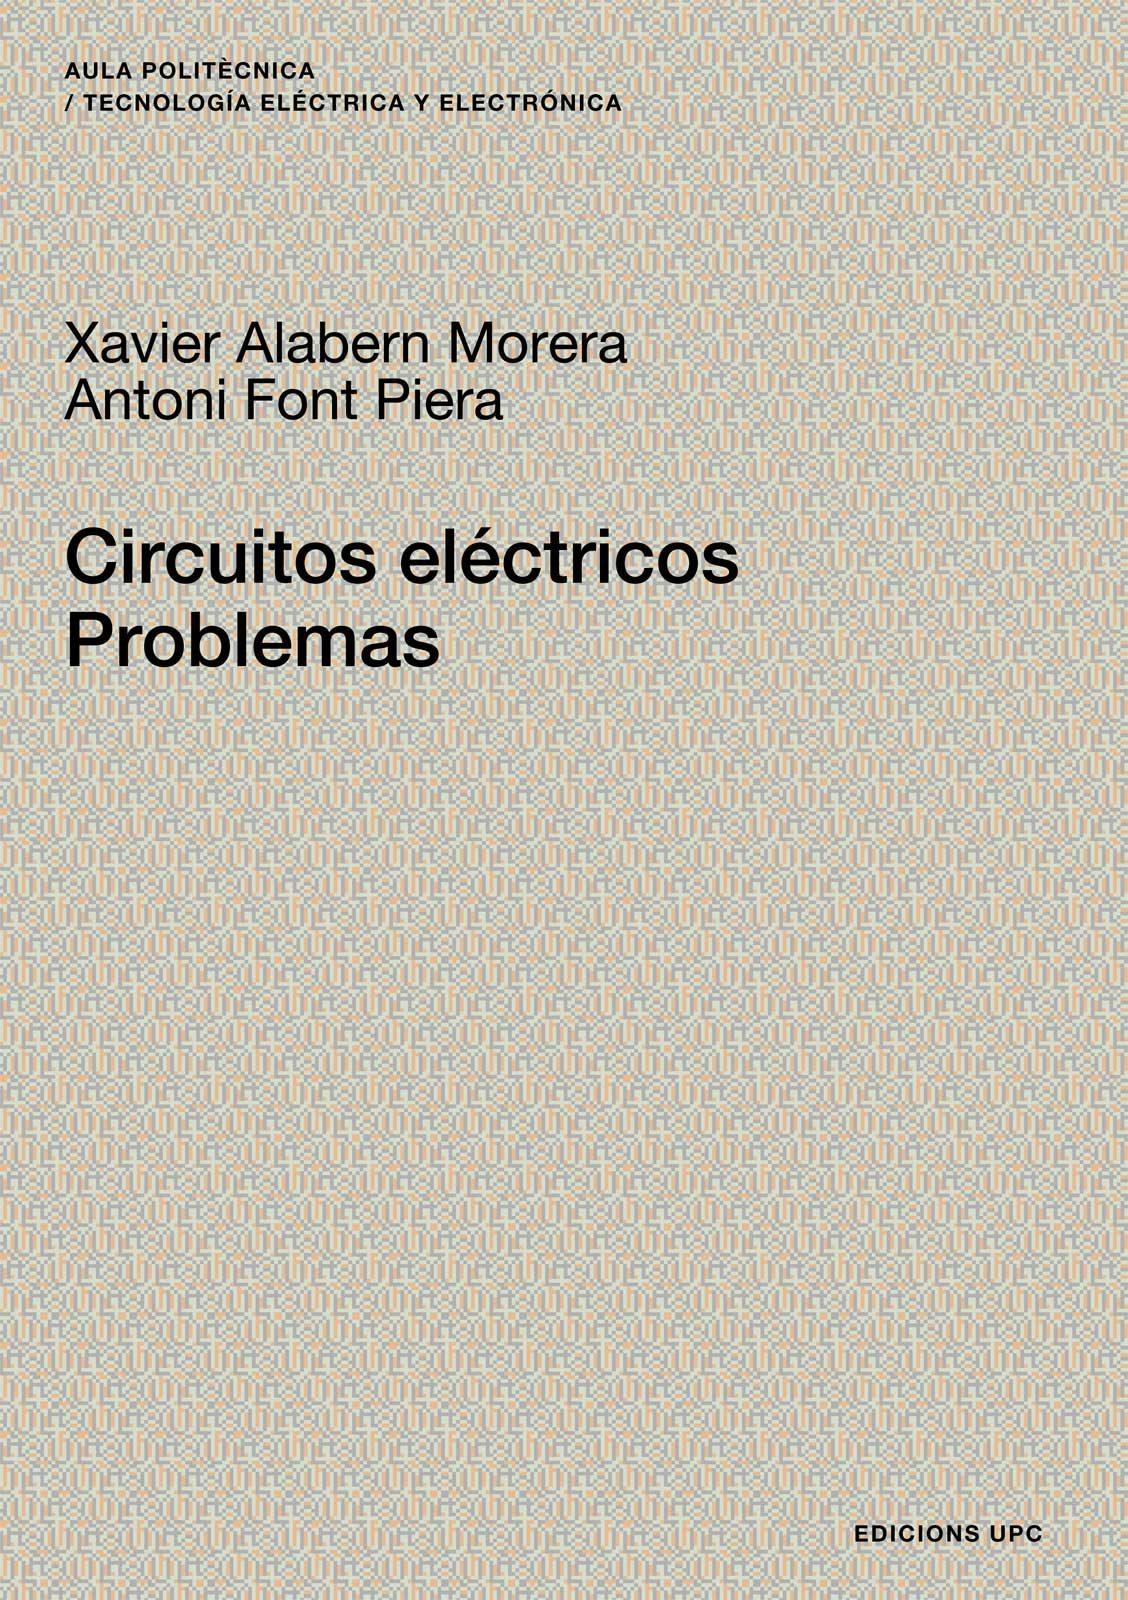 Circuitos Electricos: Problemas por Xavier Alabern Morera epub